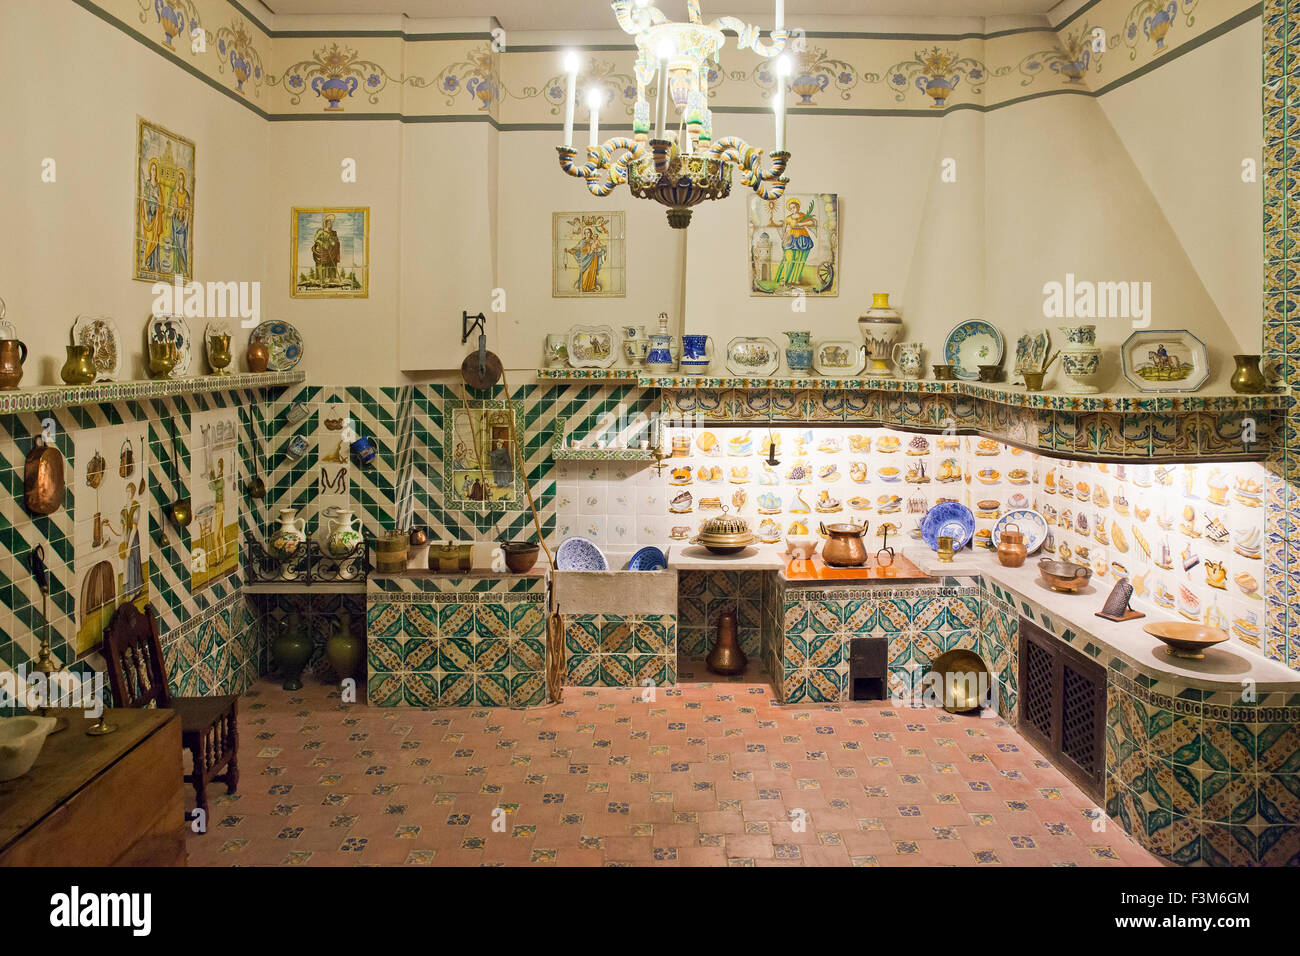 Vintage cucina spagnola e il museo nazionale delle ceramiche e